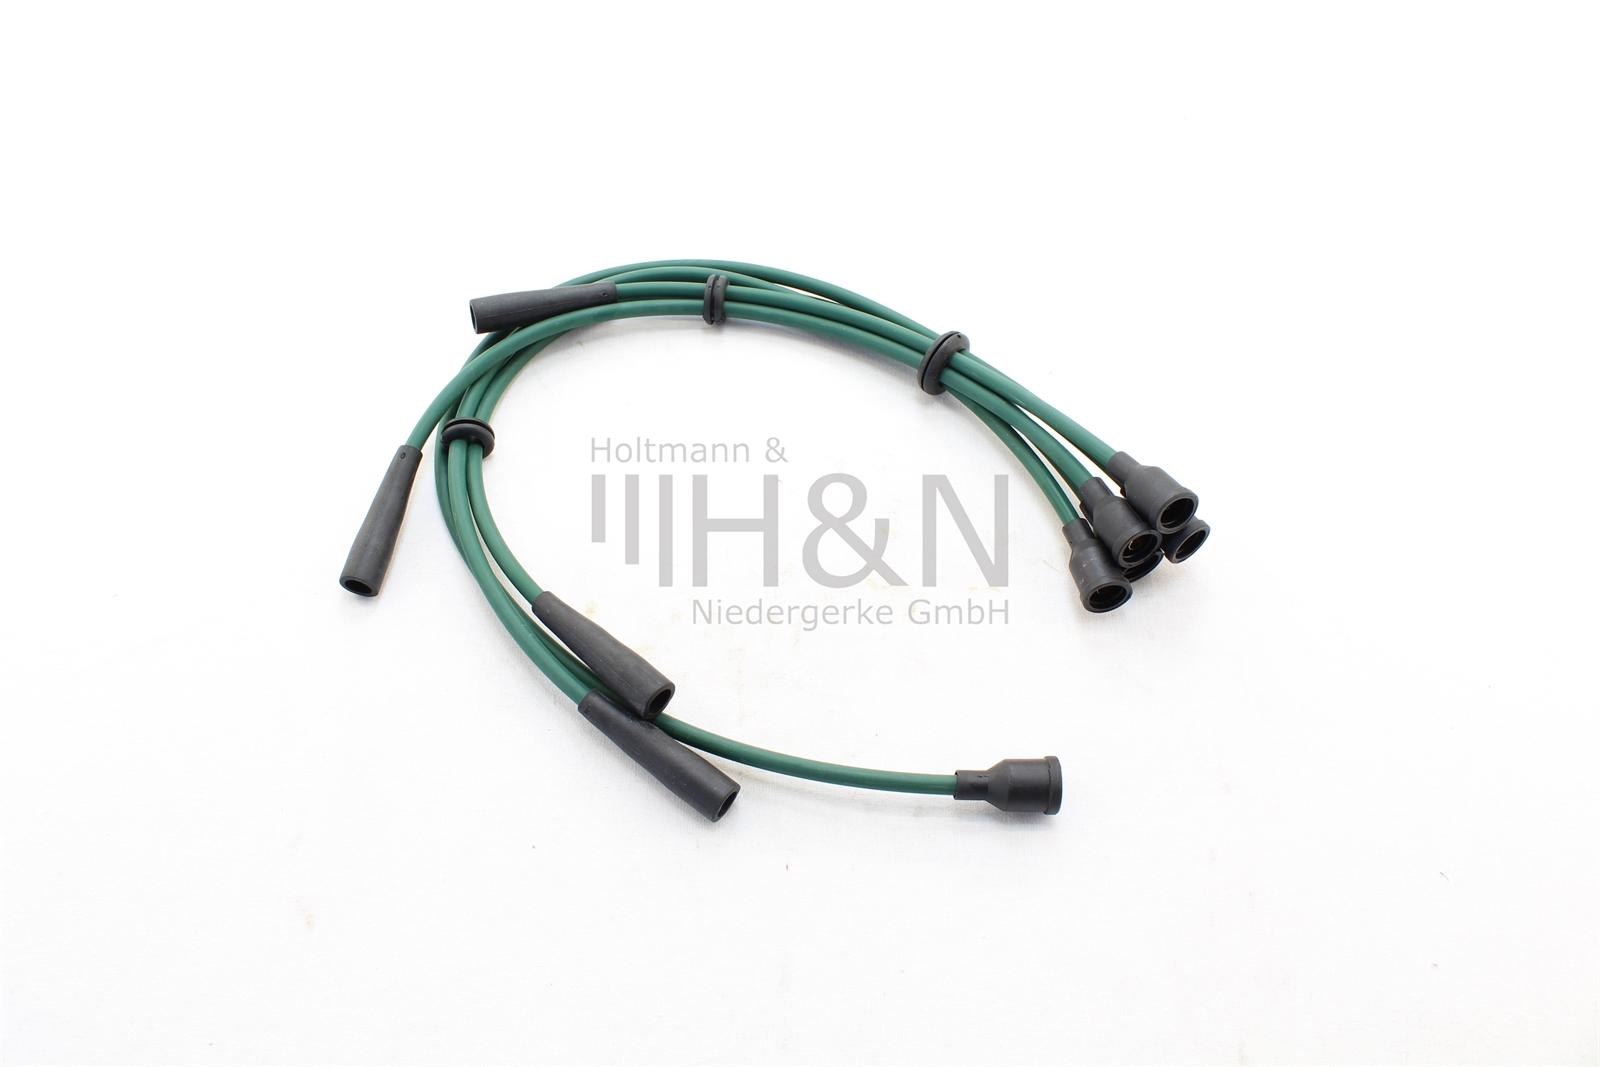 Zundkabelsatz Fiat 850 Sport Langes Kabel Zur Zundspule